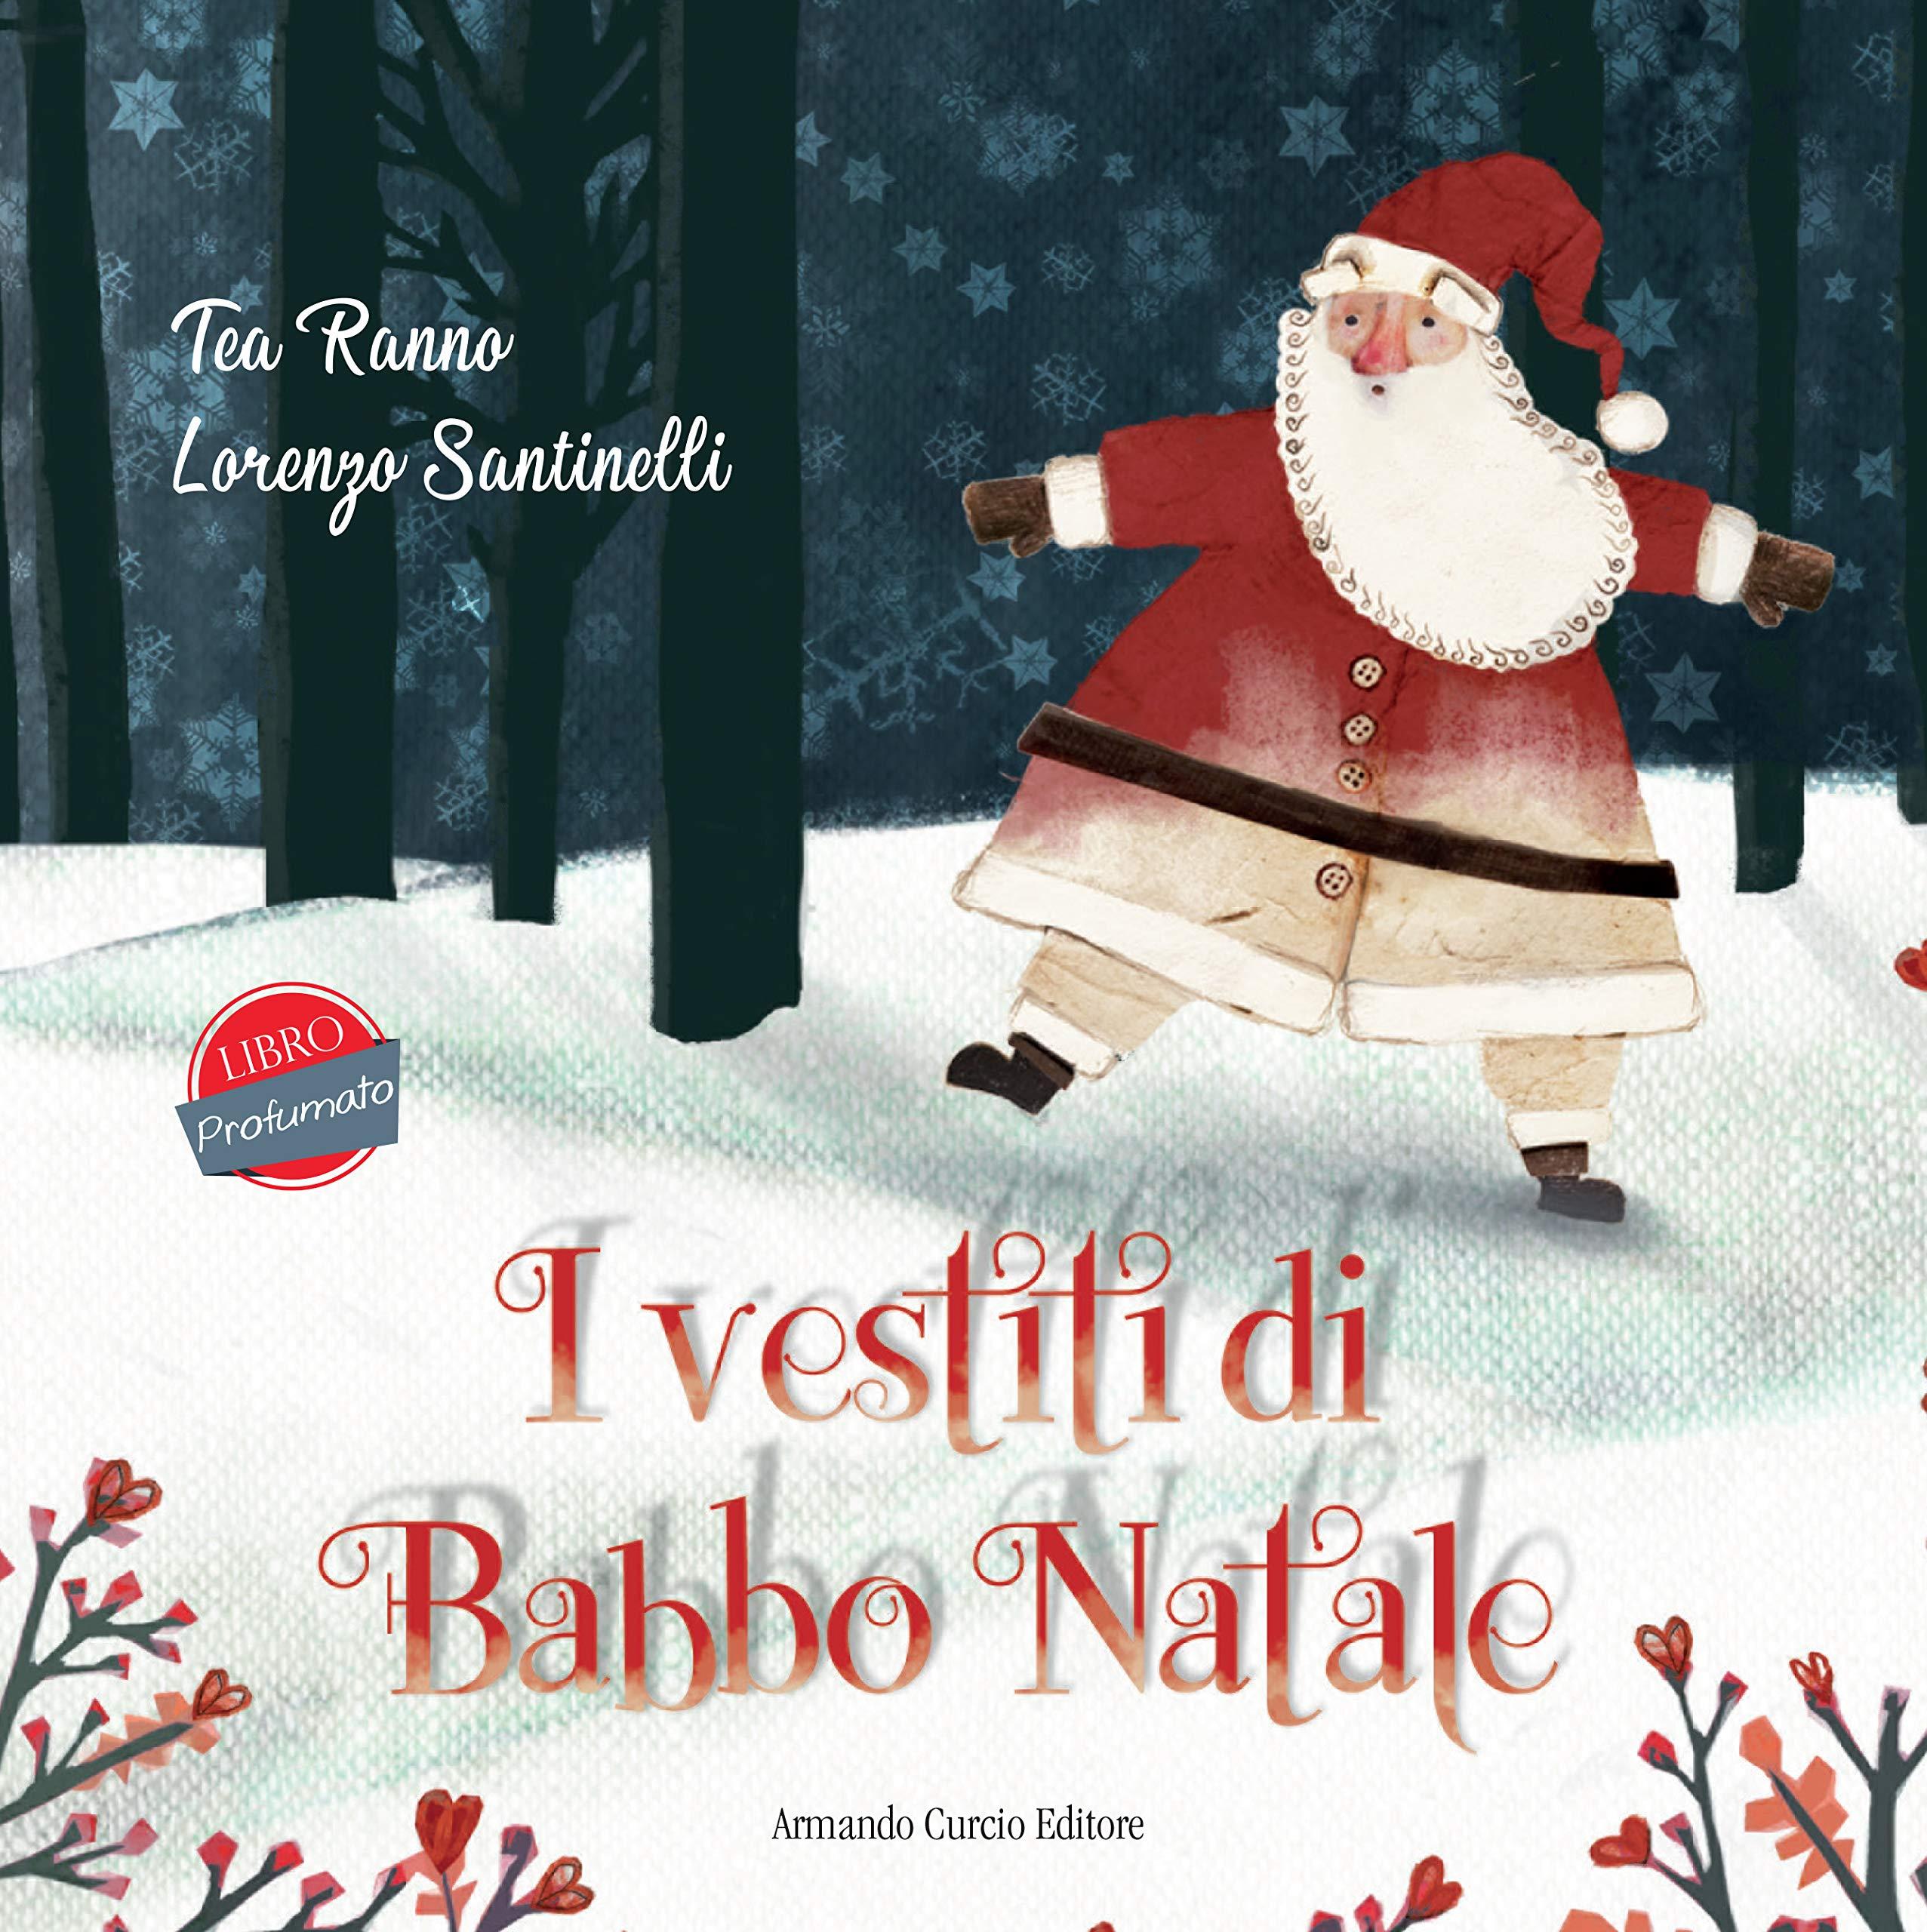 Il Vestito Nuovo Di Babbo Natale.Amazon It I Vestiti Di Babbo Natale Ranno Tea Santinelli L Libri